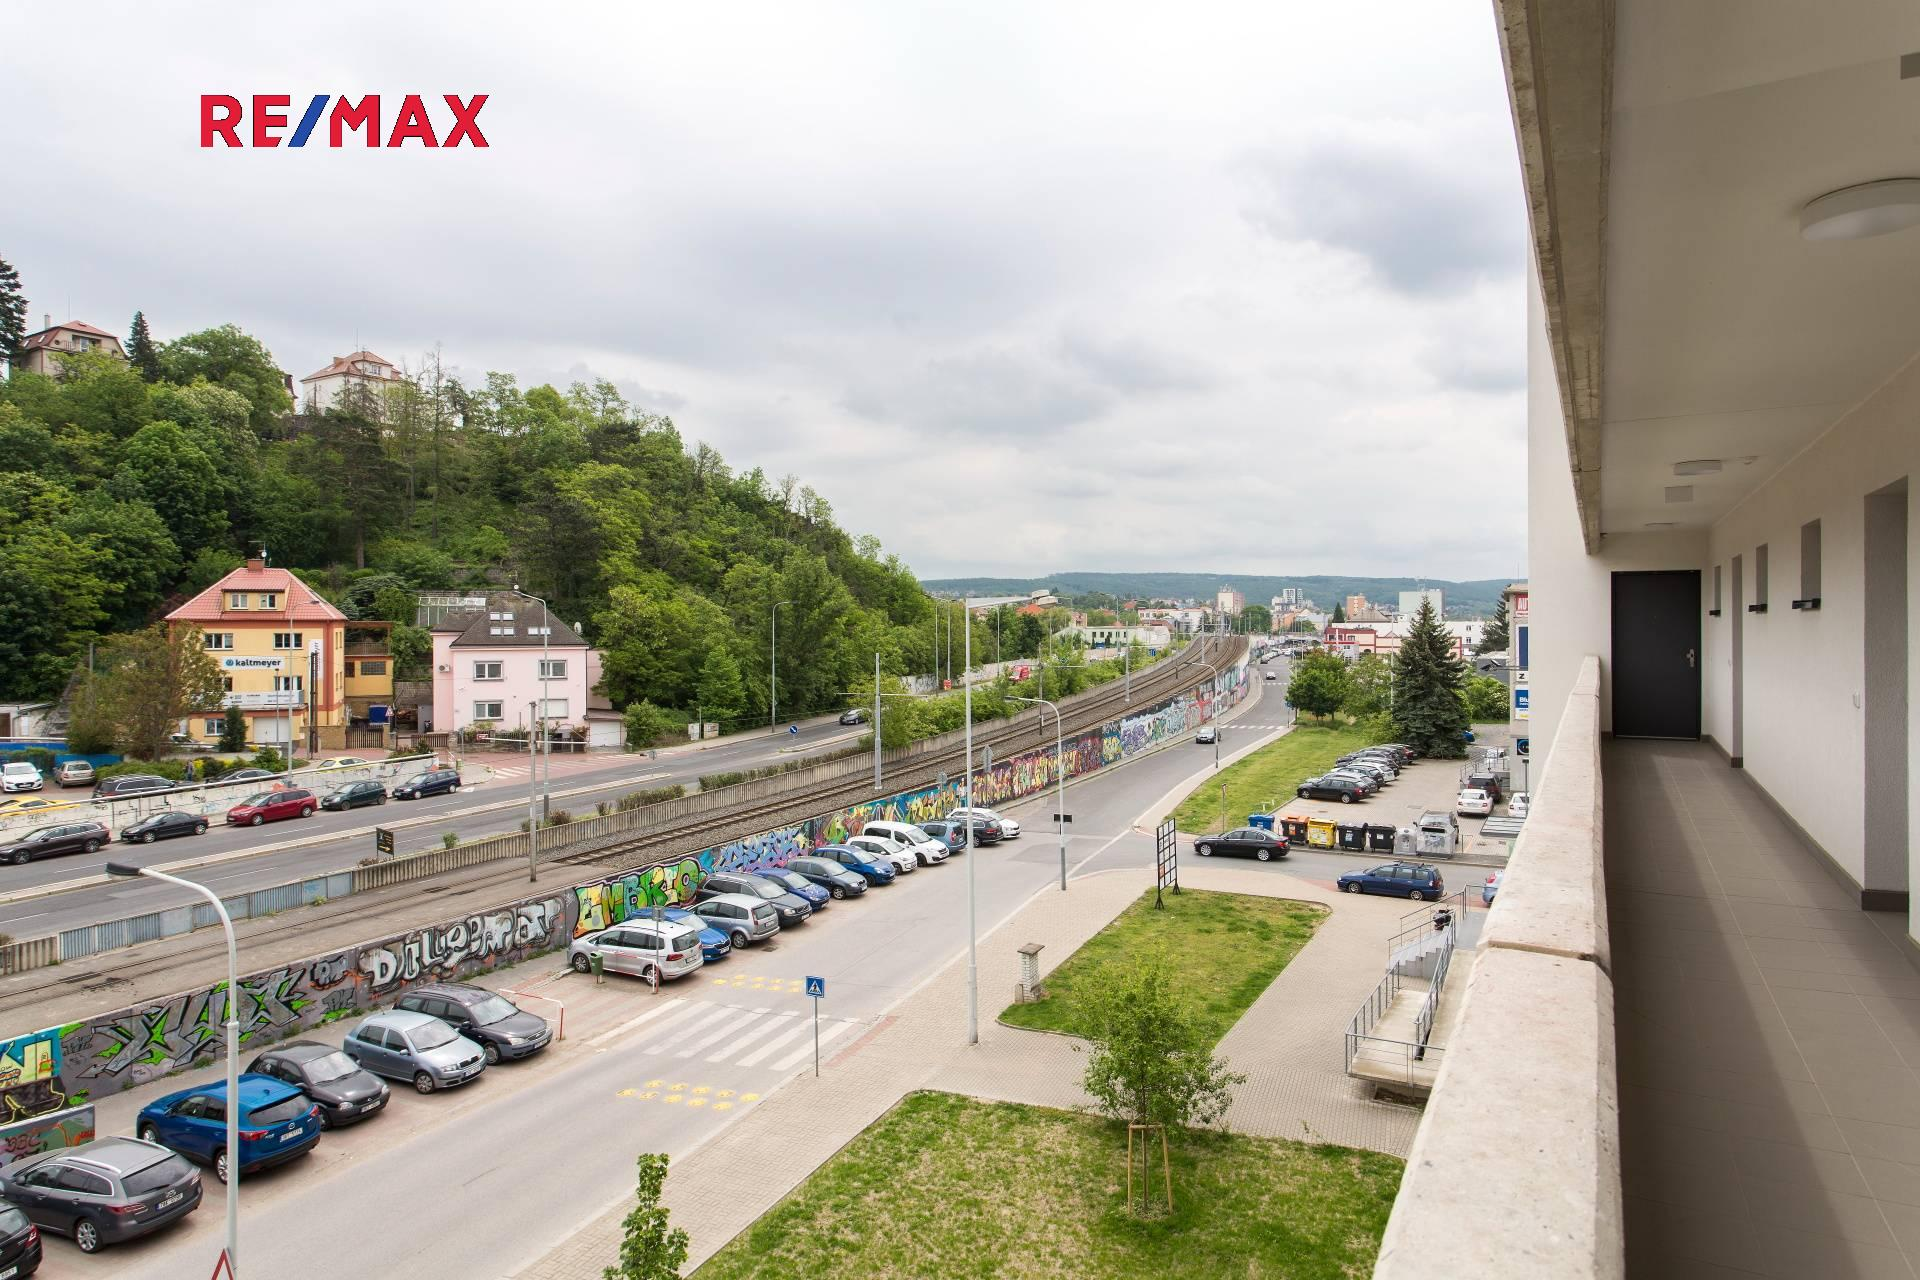 Pronájem bytu 2kk 49 m2 s balkonem a parkovacím stáním v ulici Mezi vodami Praha 4